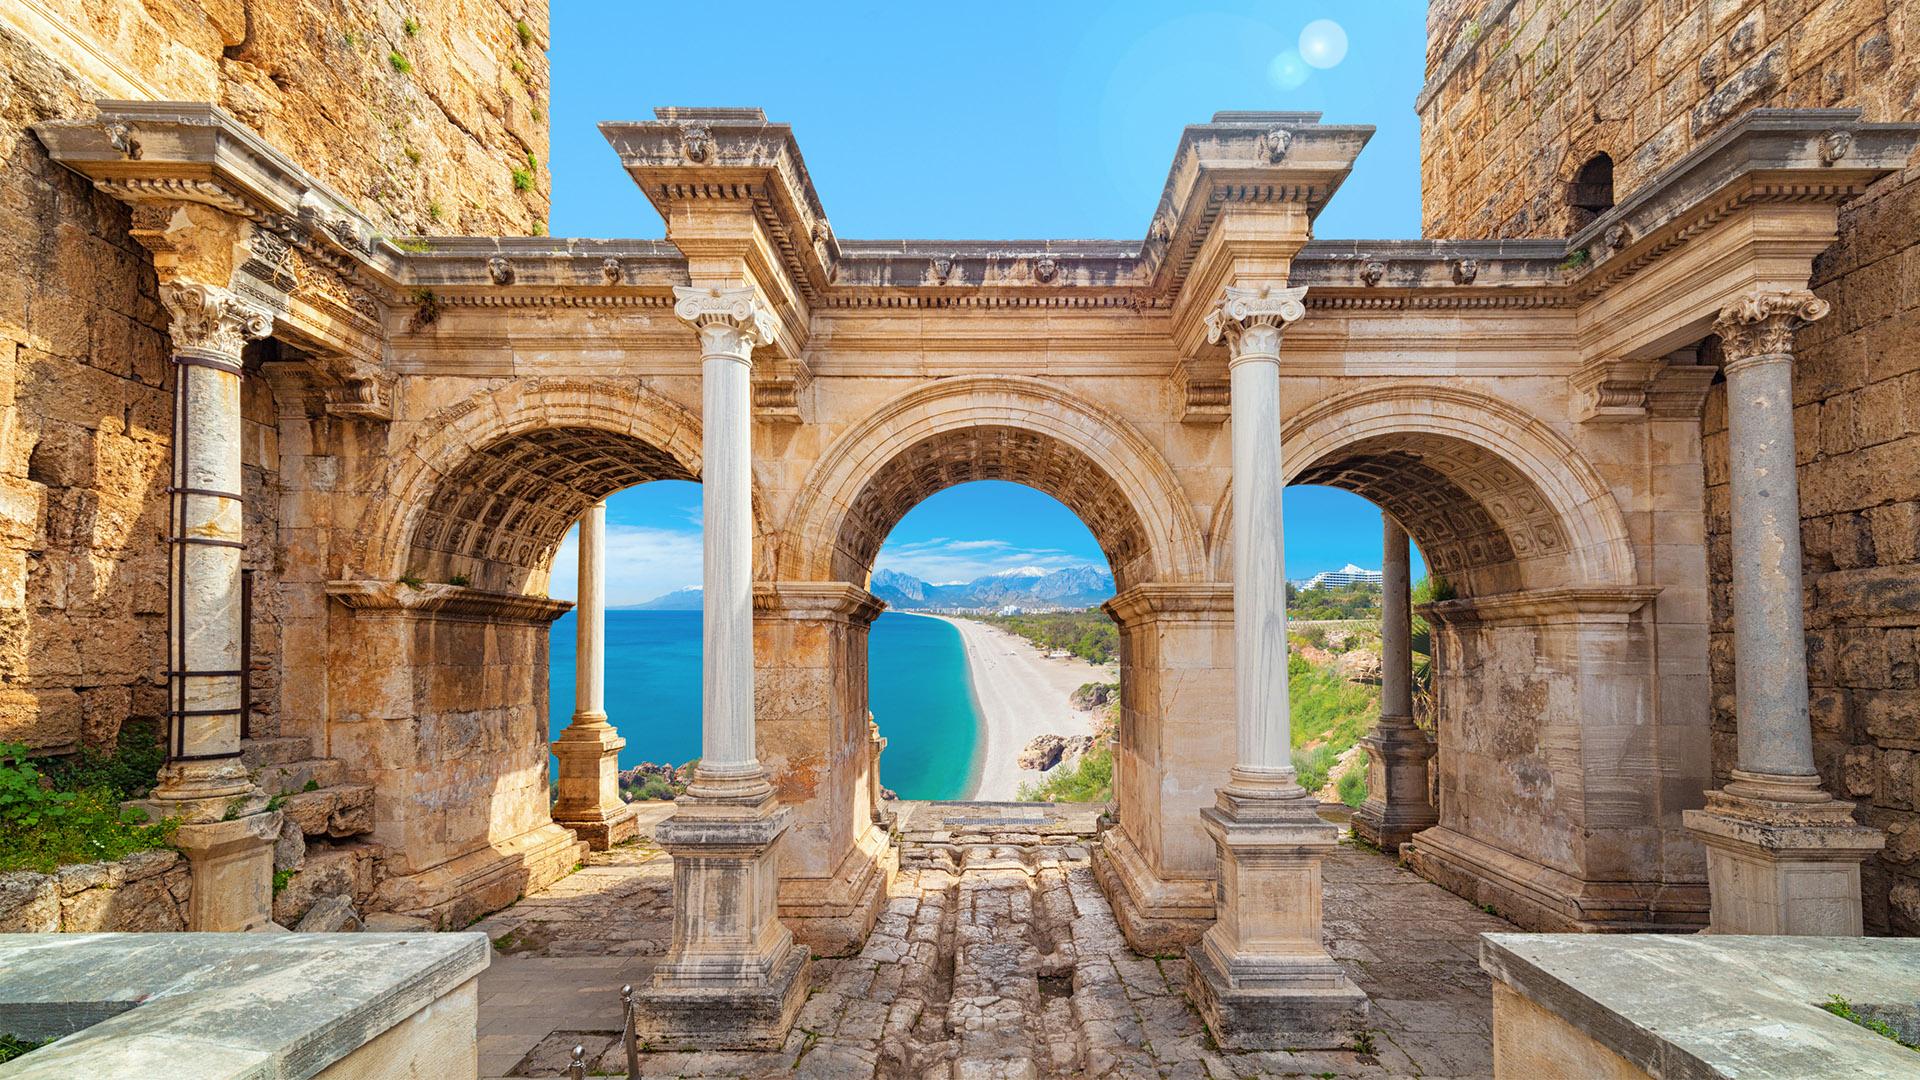 The Silk Road - Kanlidivane, Antalya, and Perge ... | 1920 x 1080 jpeg 817kB